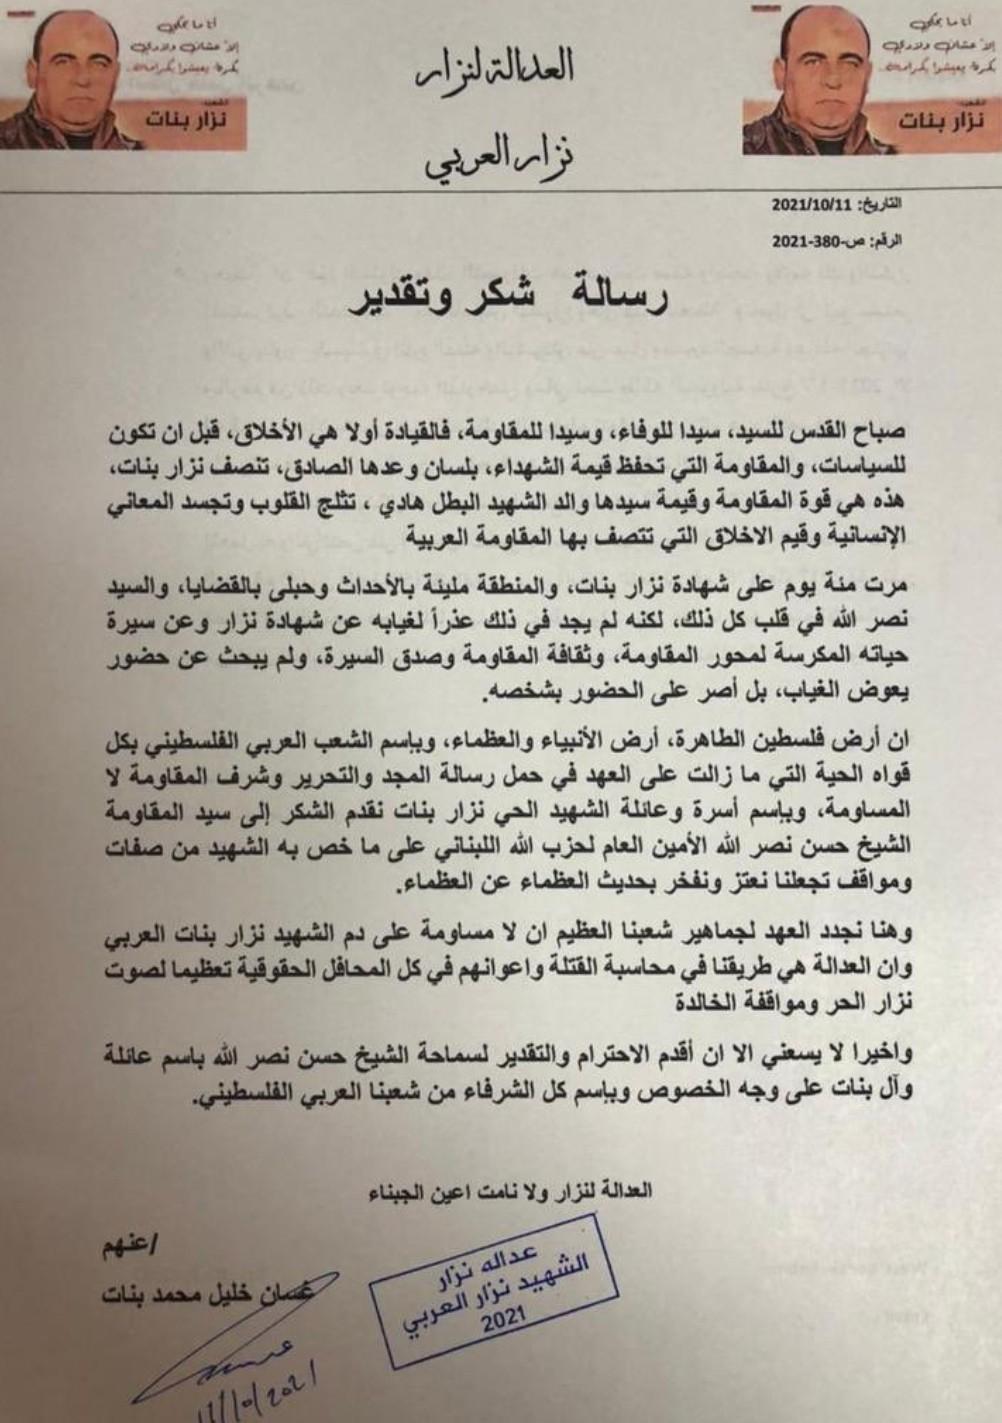 رسالة شكر وتقدير من عائلة الشهيد نزار بنات الى سماحة السيد حسن نصر الله